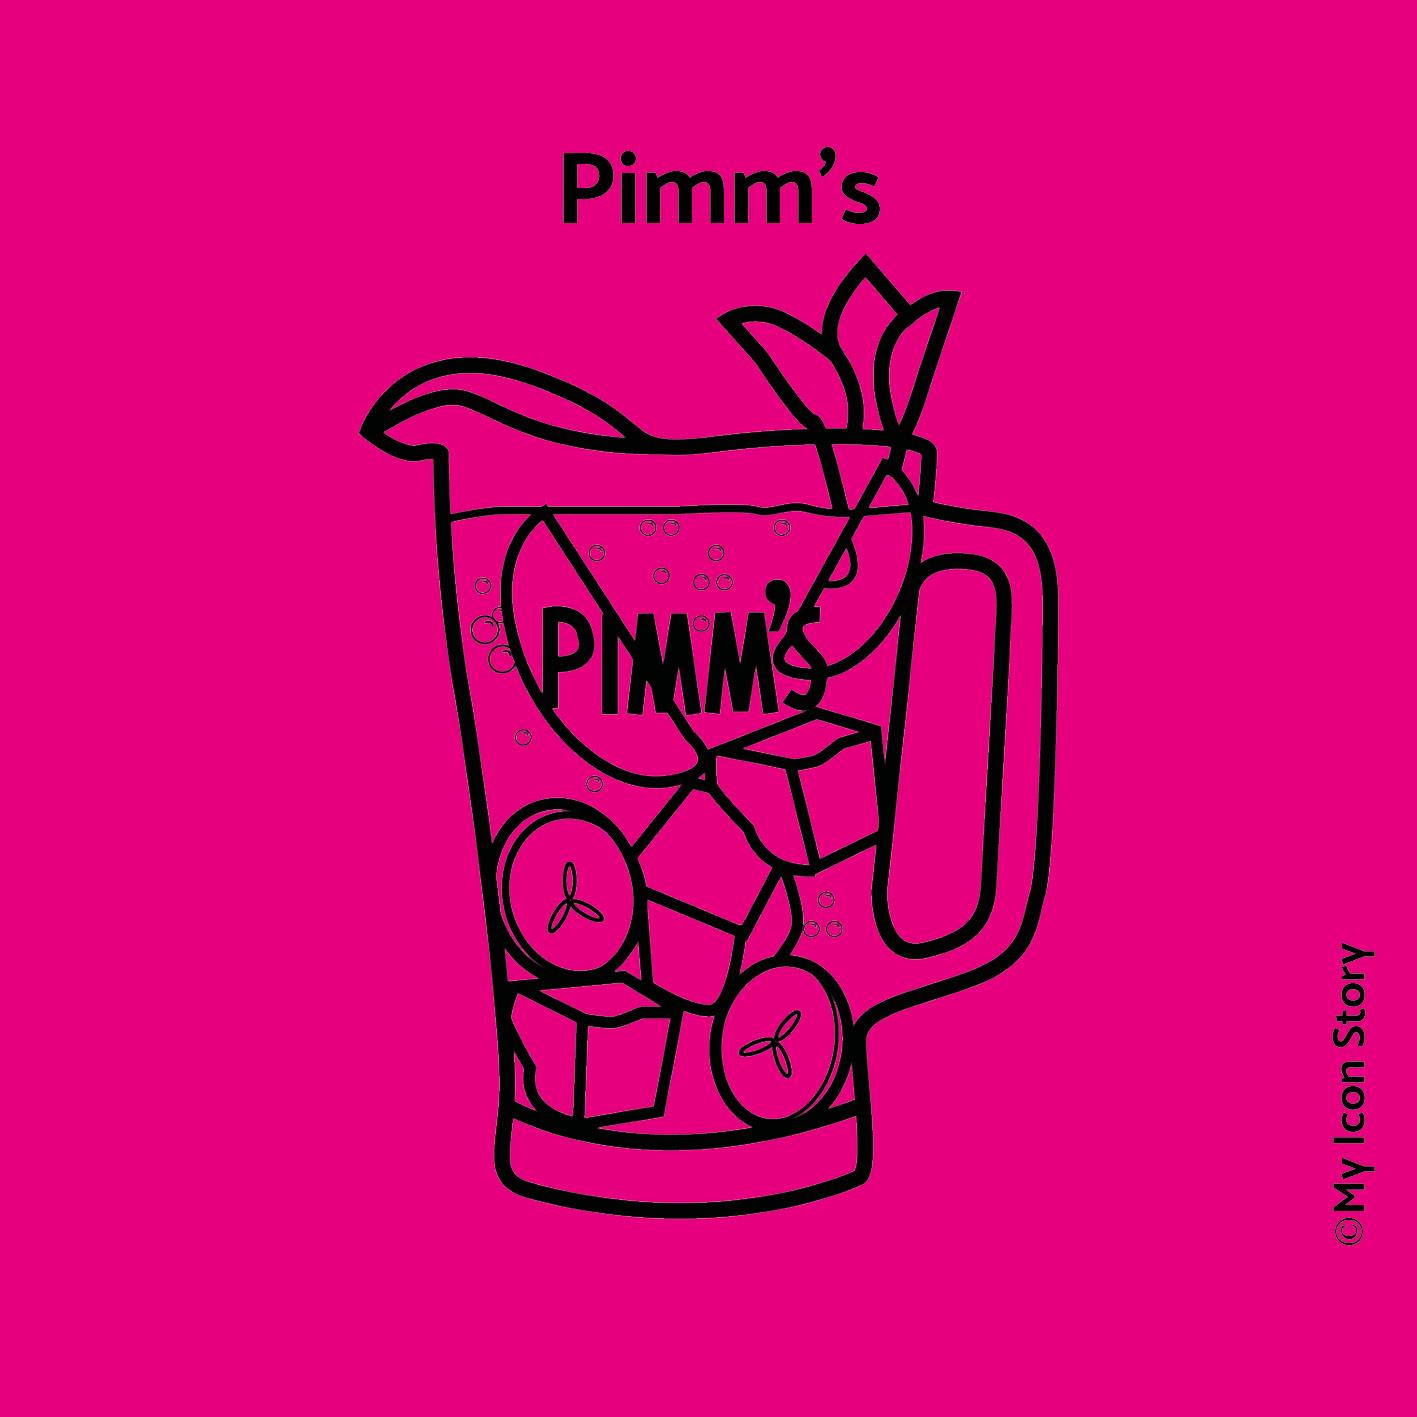 Pimms jug icon